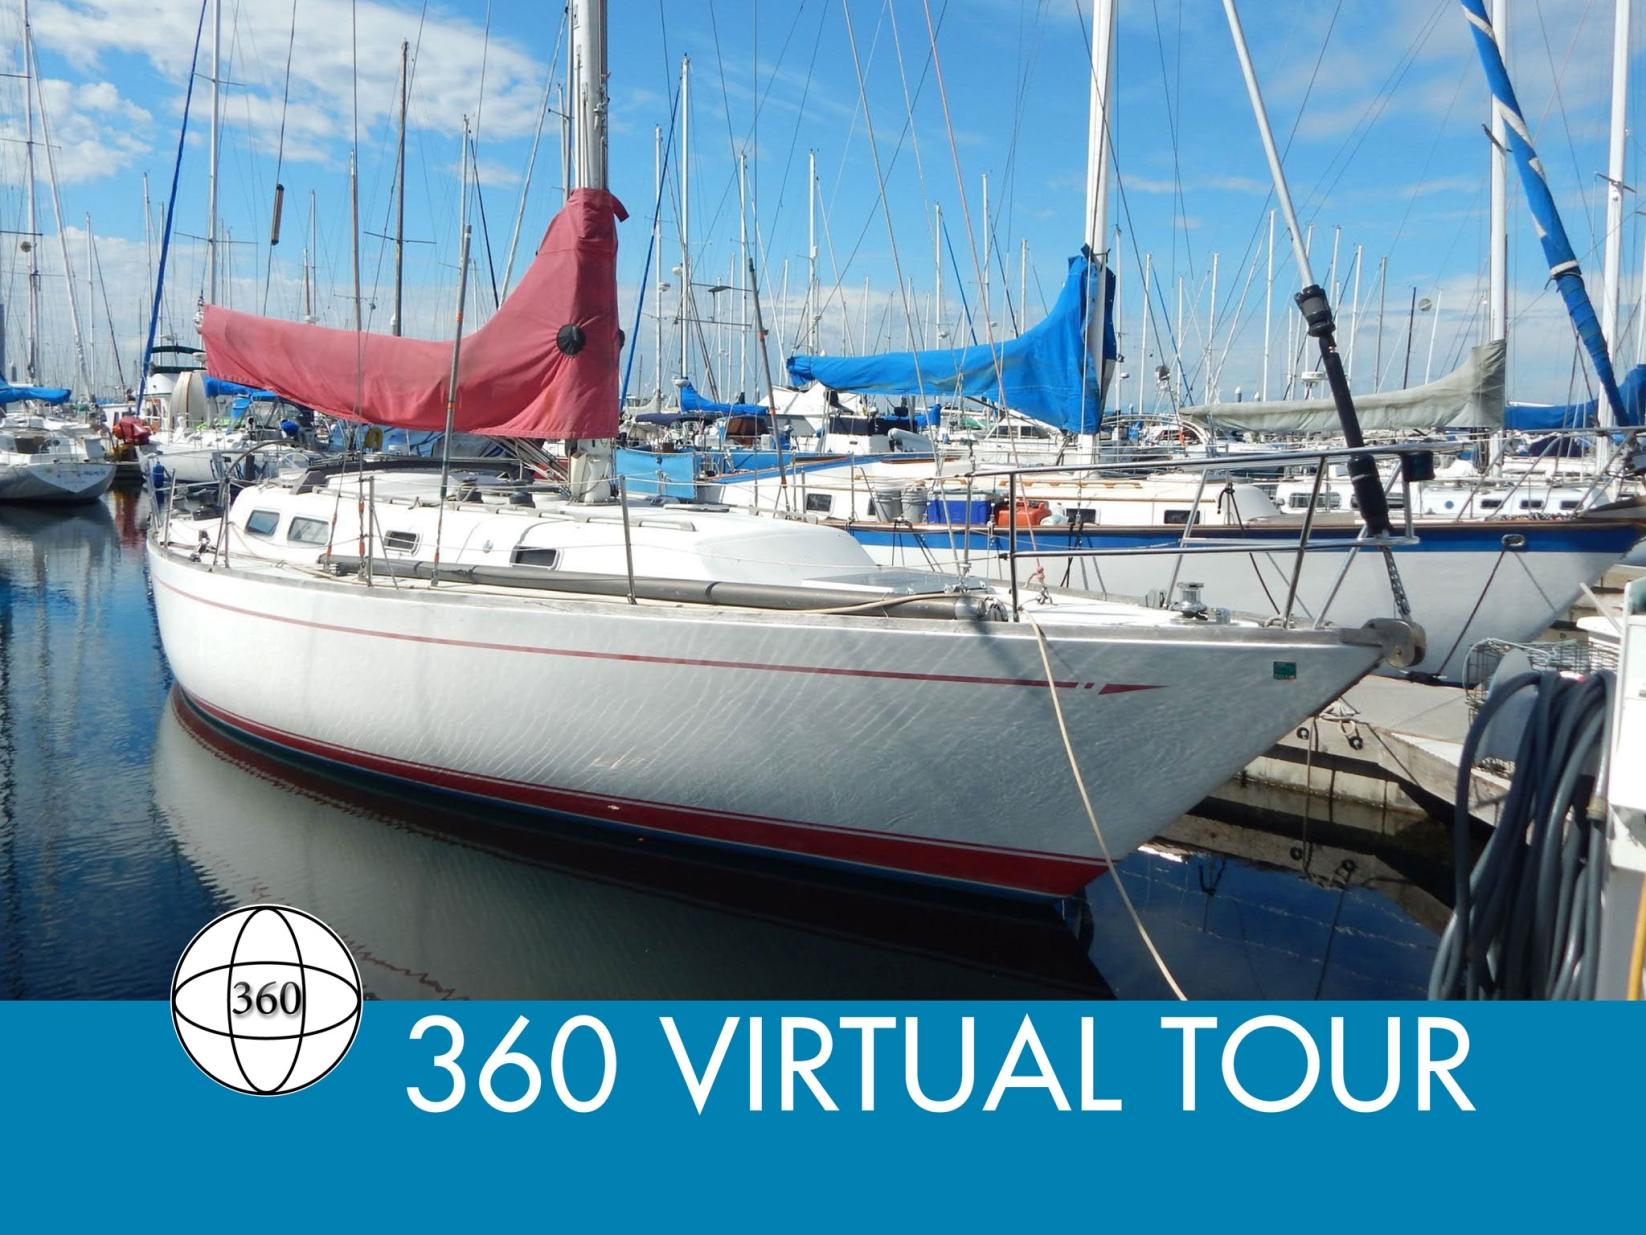 Cal 39 sailboat in Seattle, Washington-USA